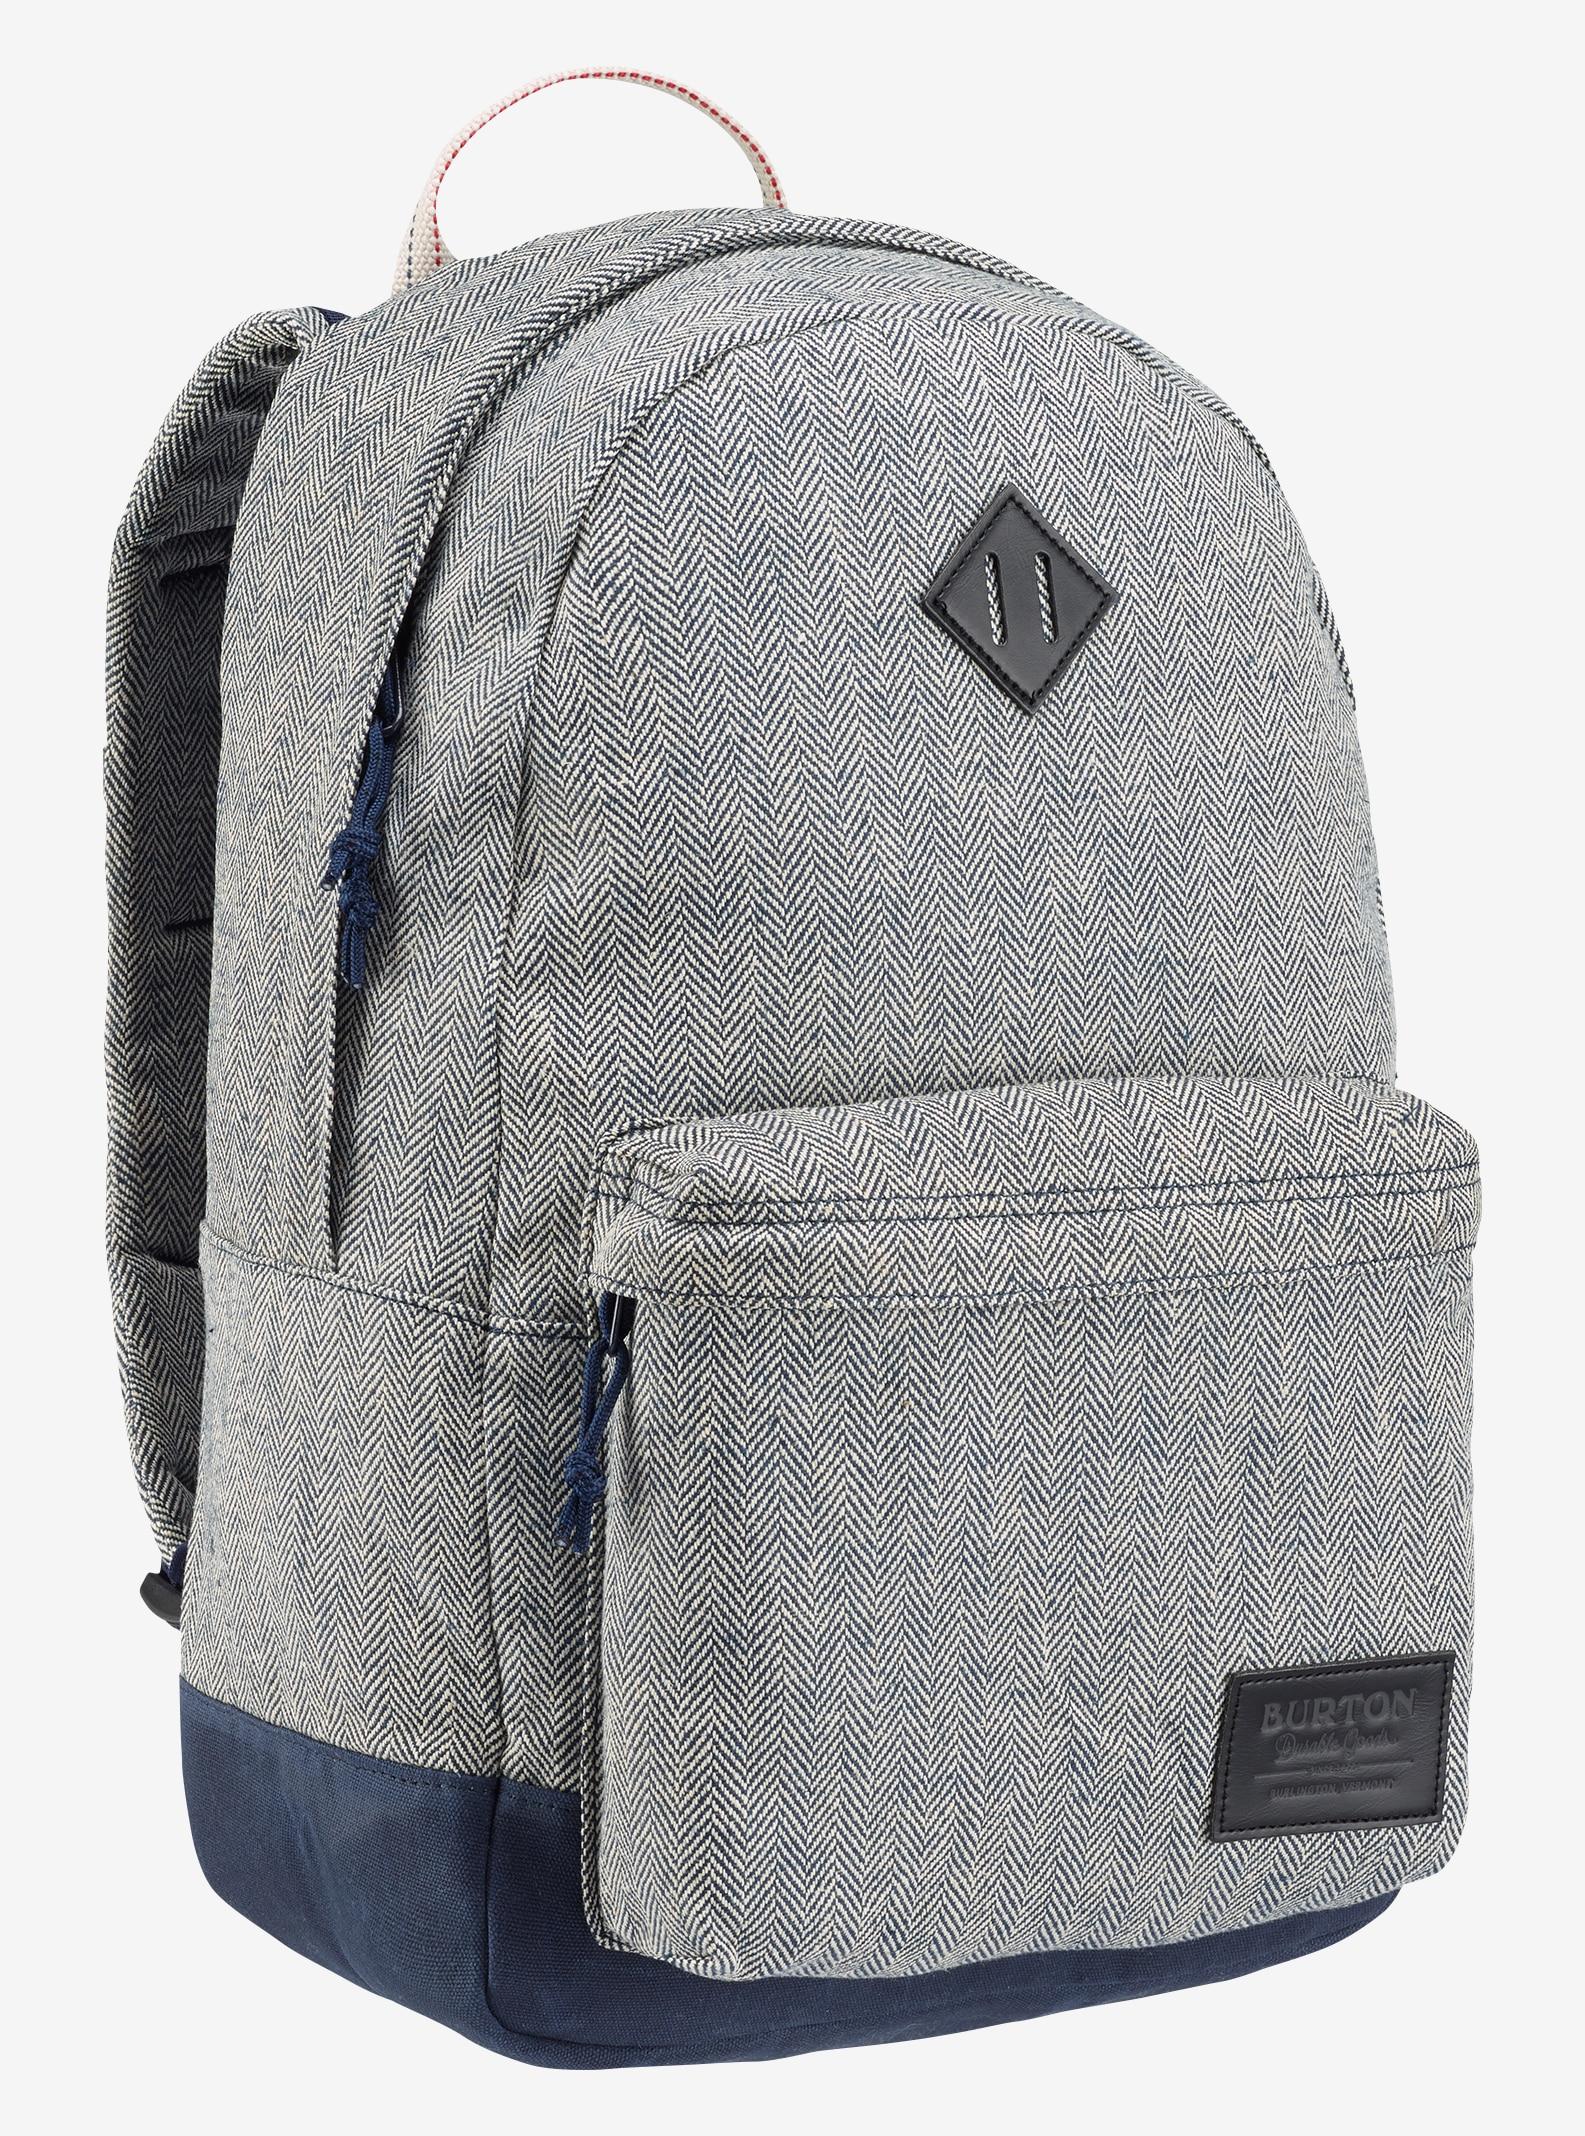 Burton Kettle Backpack shown in Eclipse Herringbone